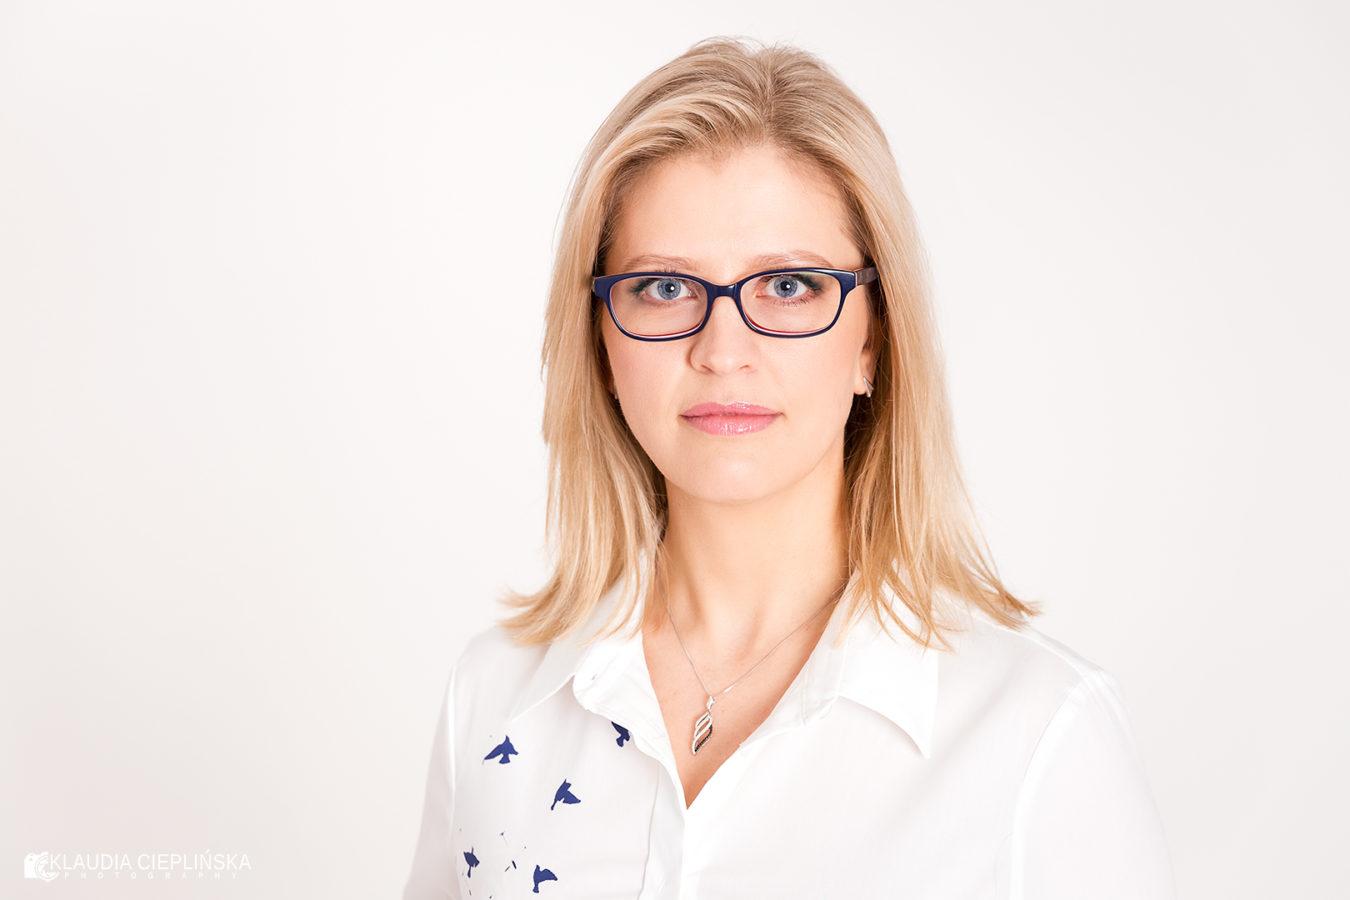 Profesjonalne sesje zdjęciowe Jelenia Góra, w studio i w plenerze. Fotografia portretowa, sesje kobiece. Klaudia Cieplińska